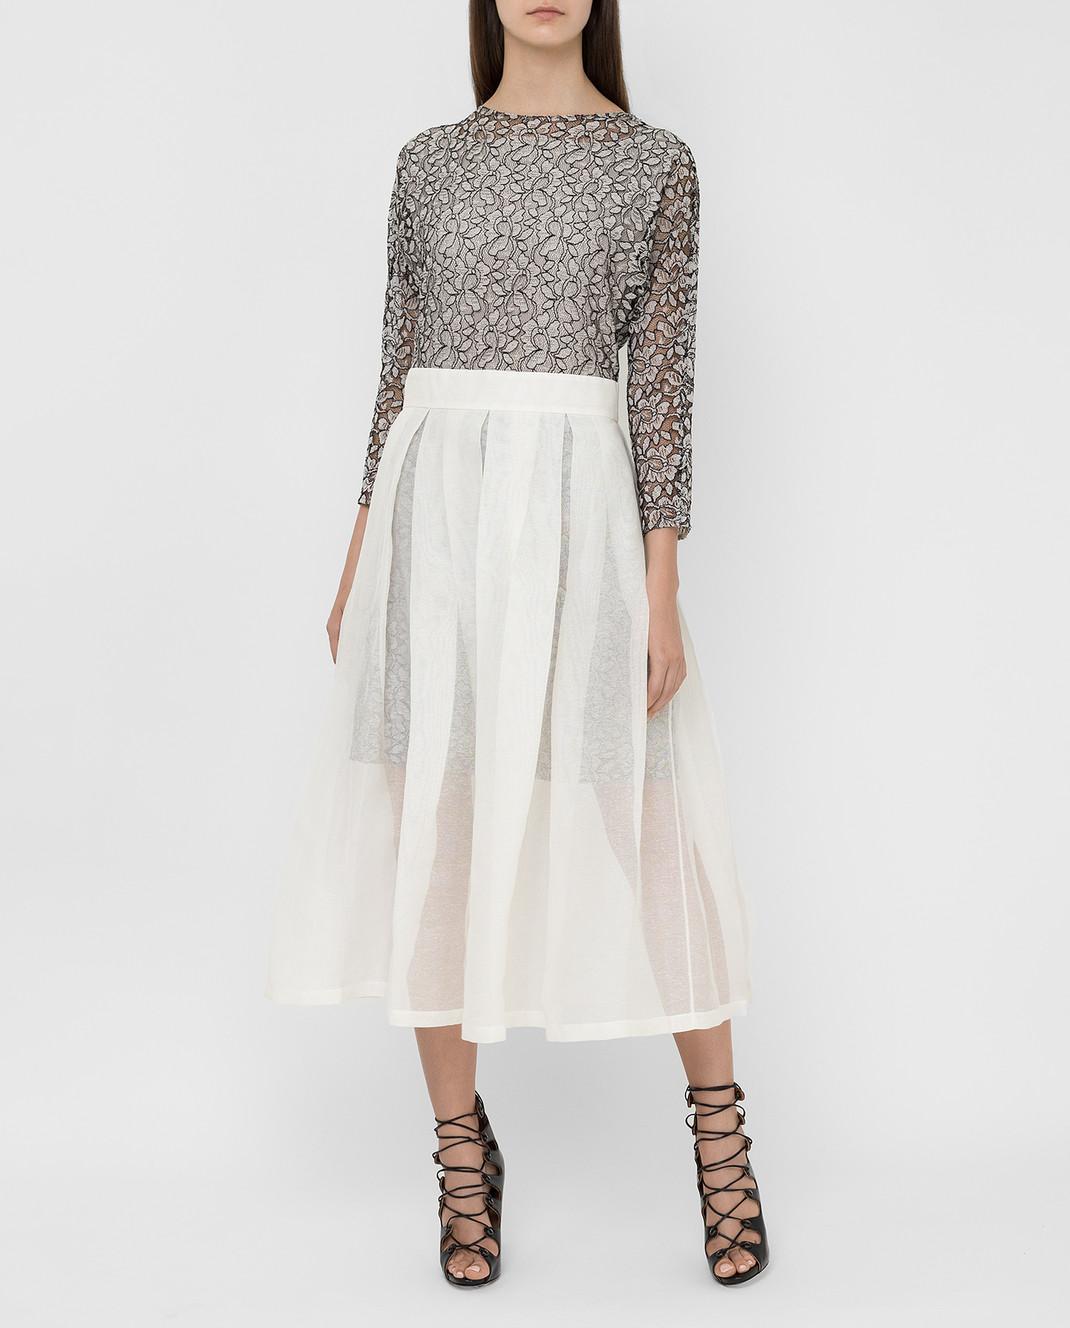 A la Russe Белое платье 172321 изображение 2